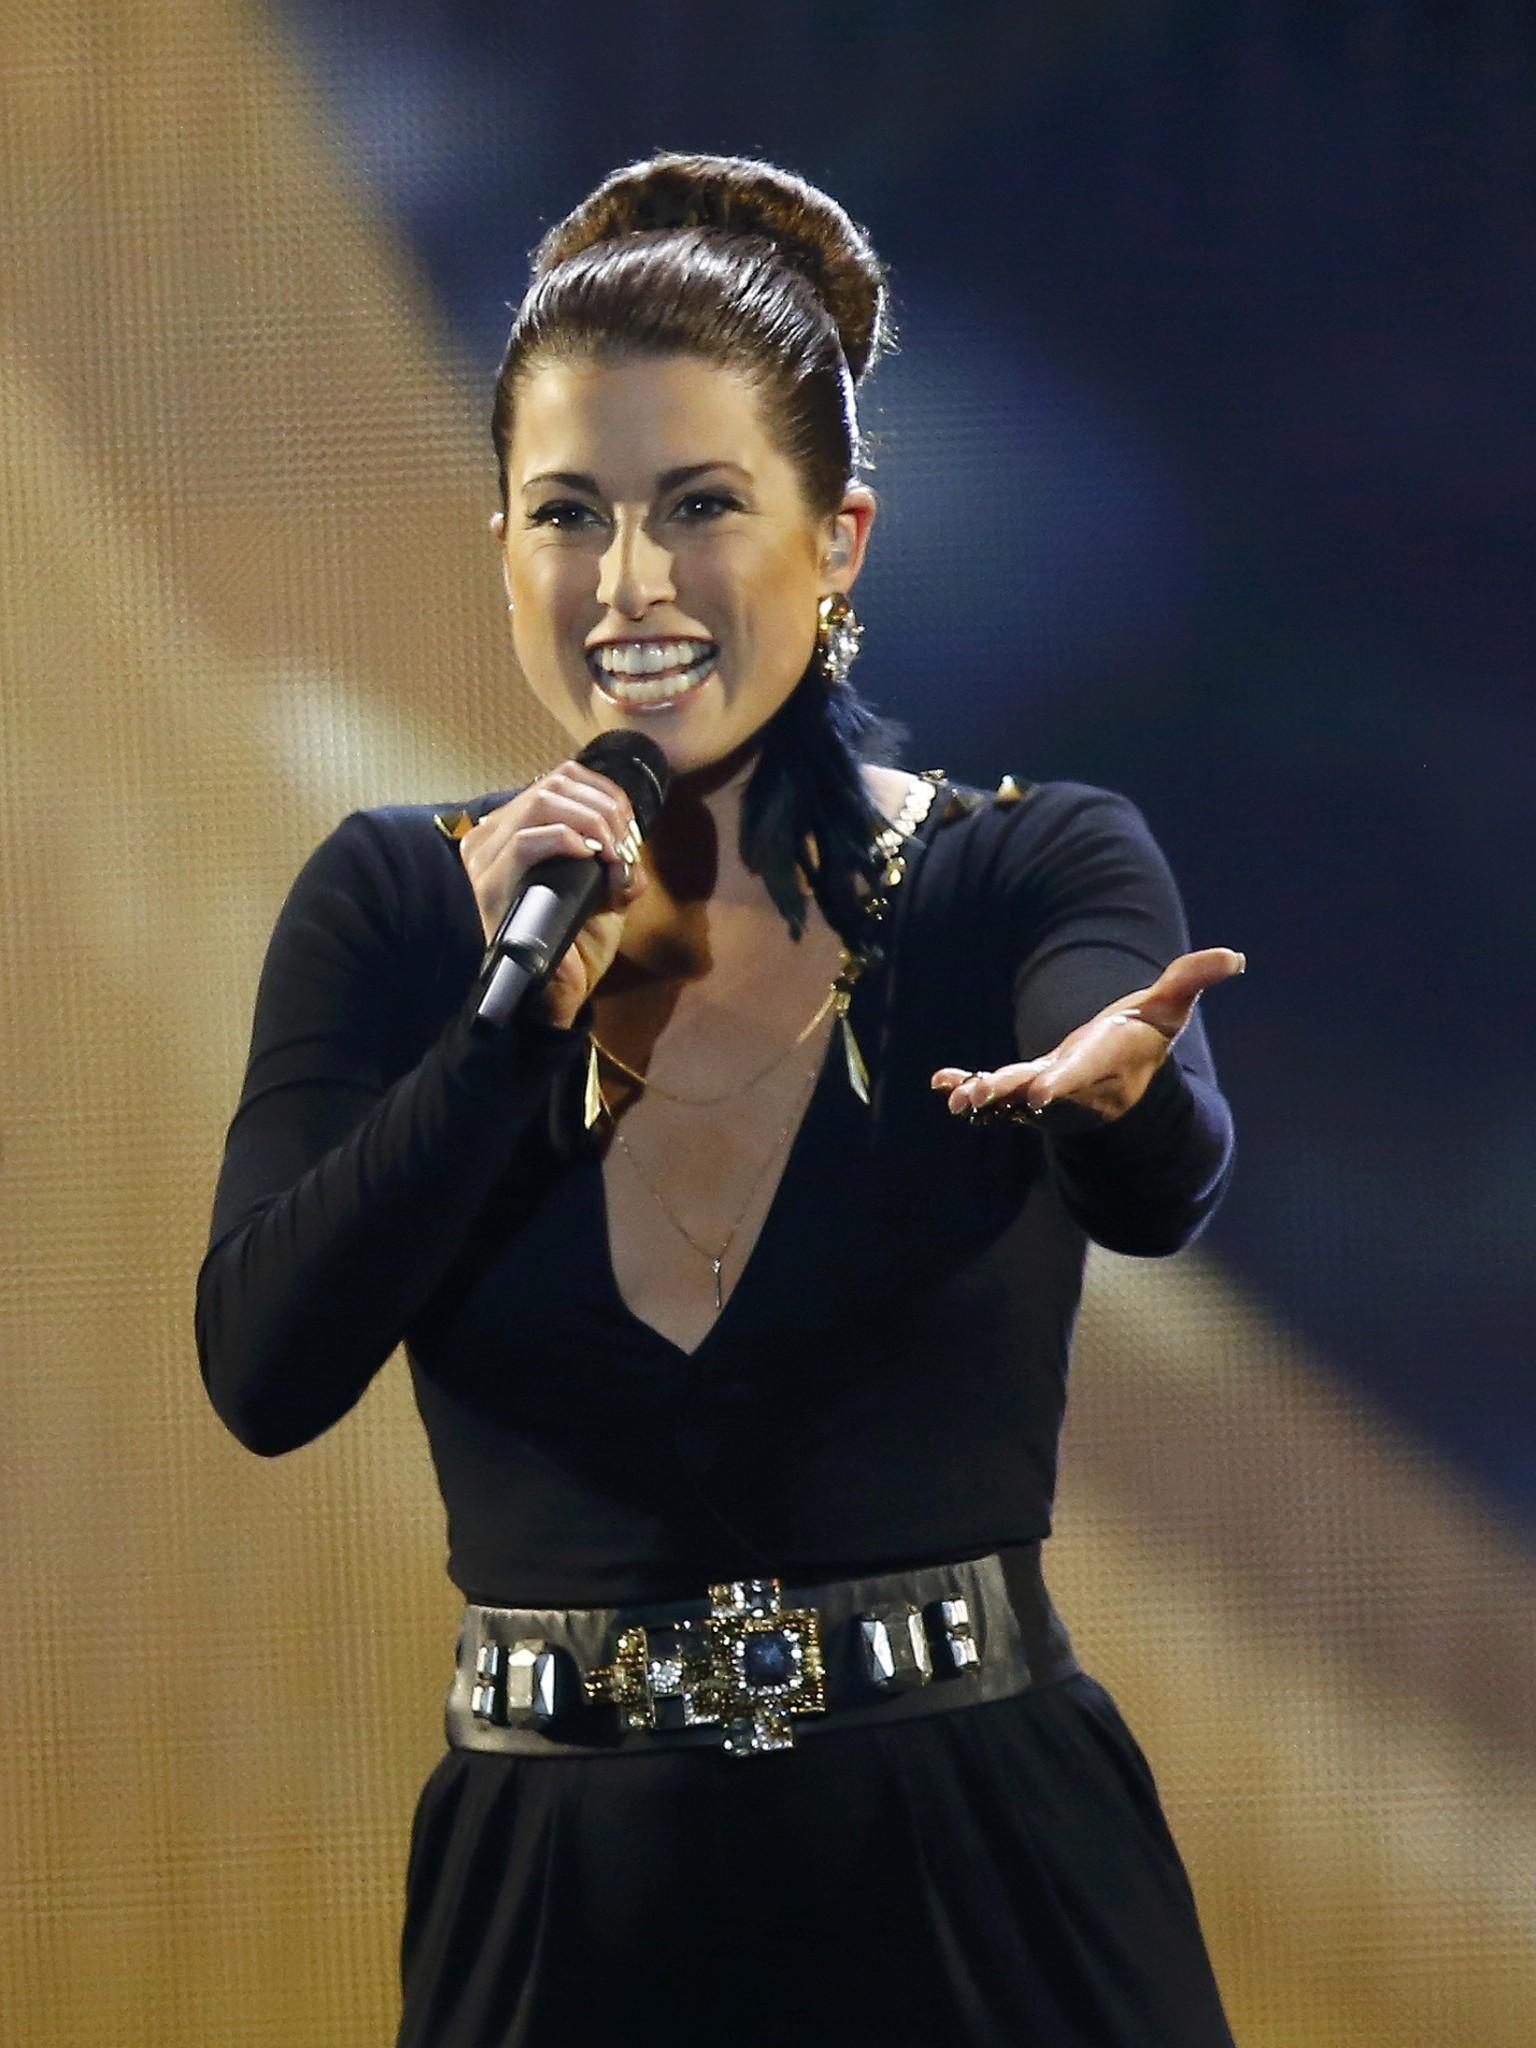 eurovision platzierungen